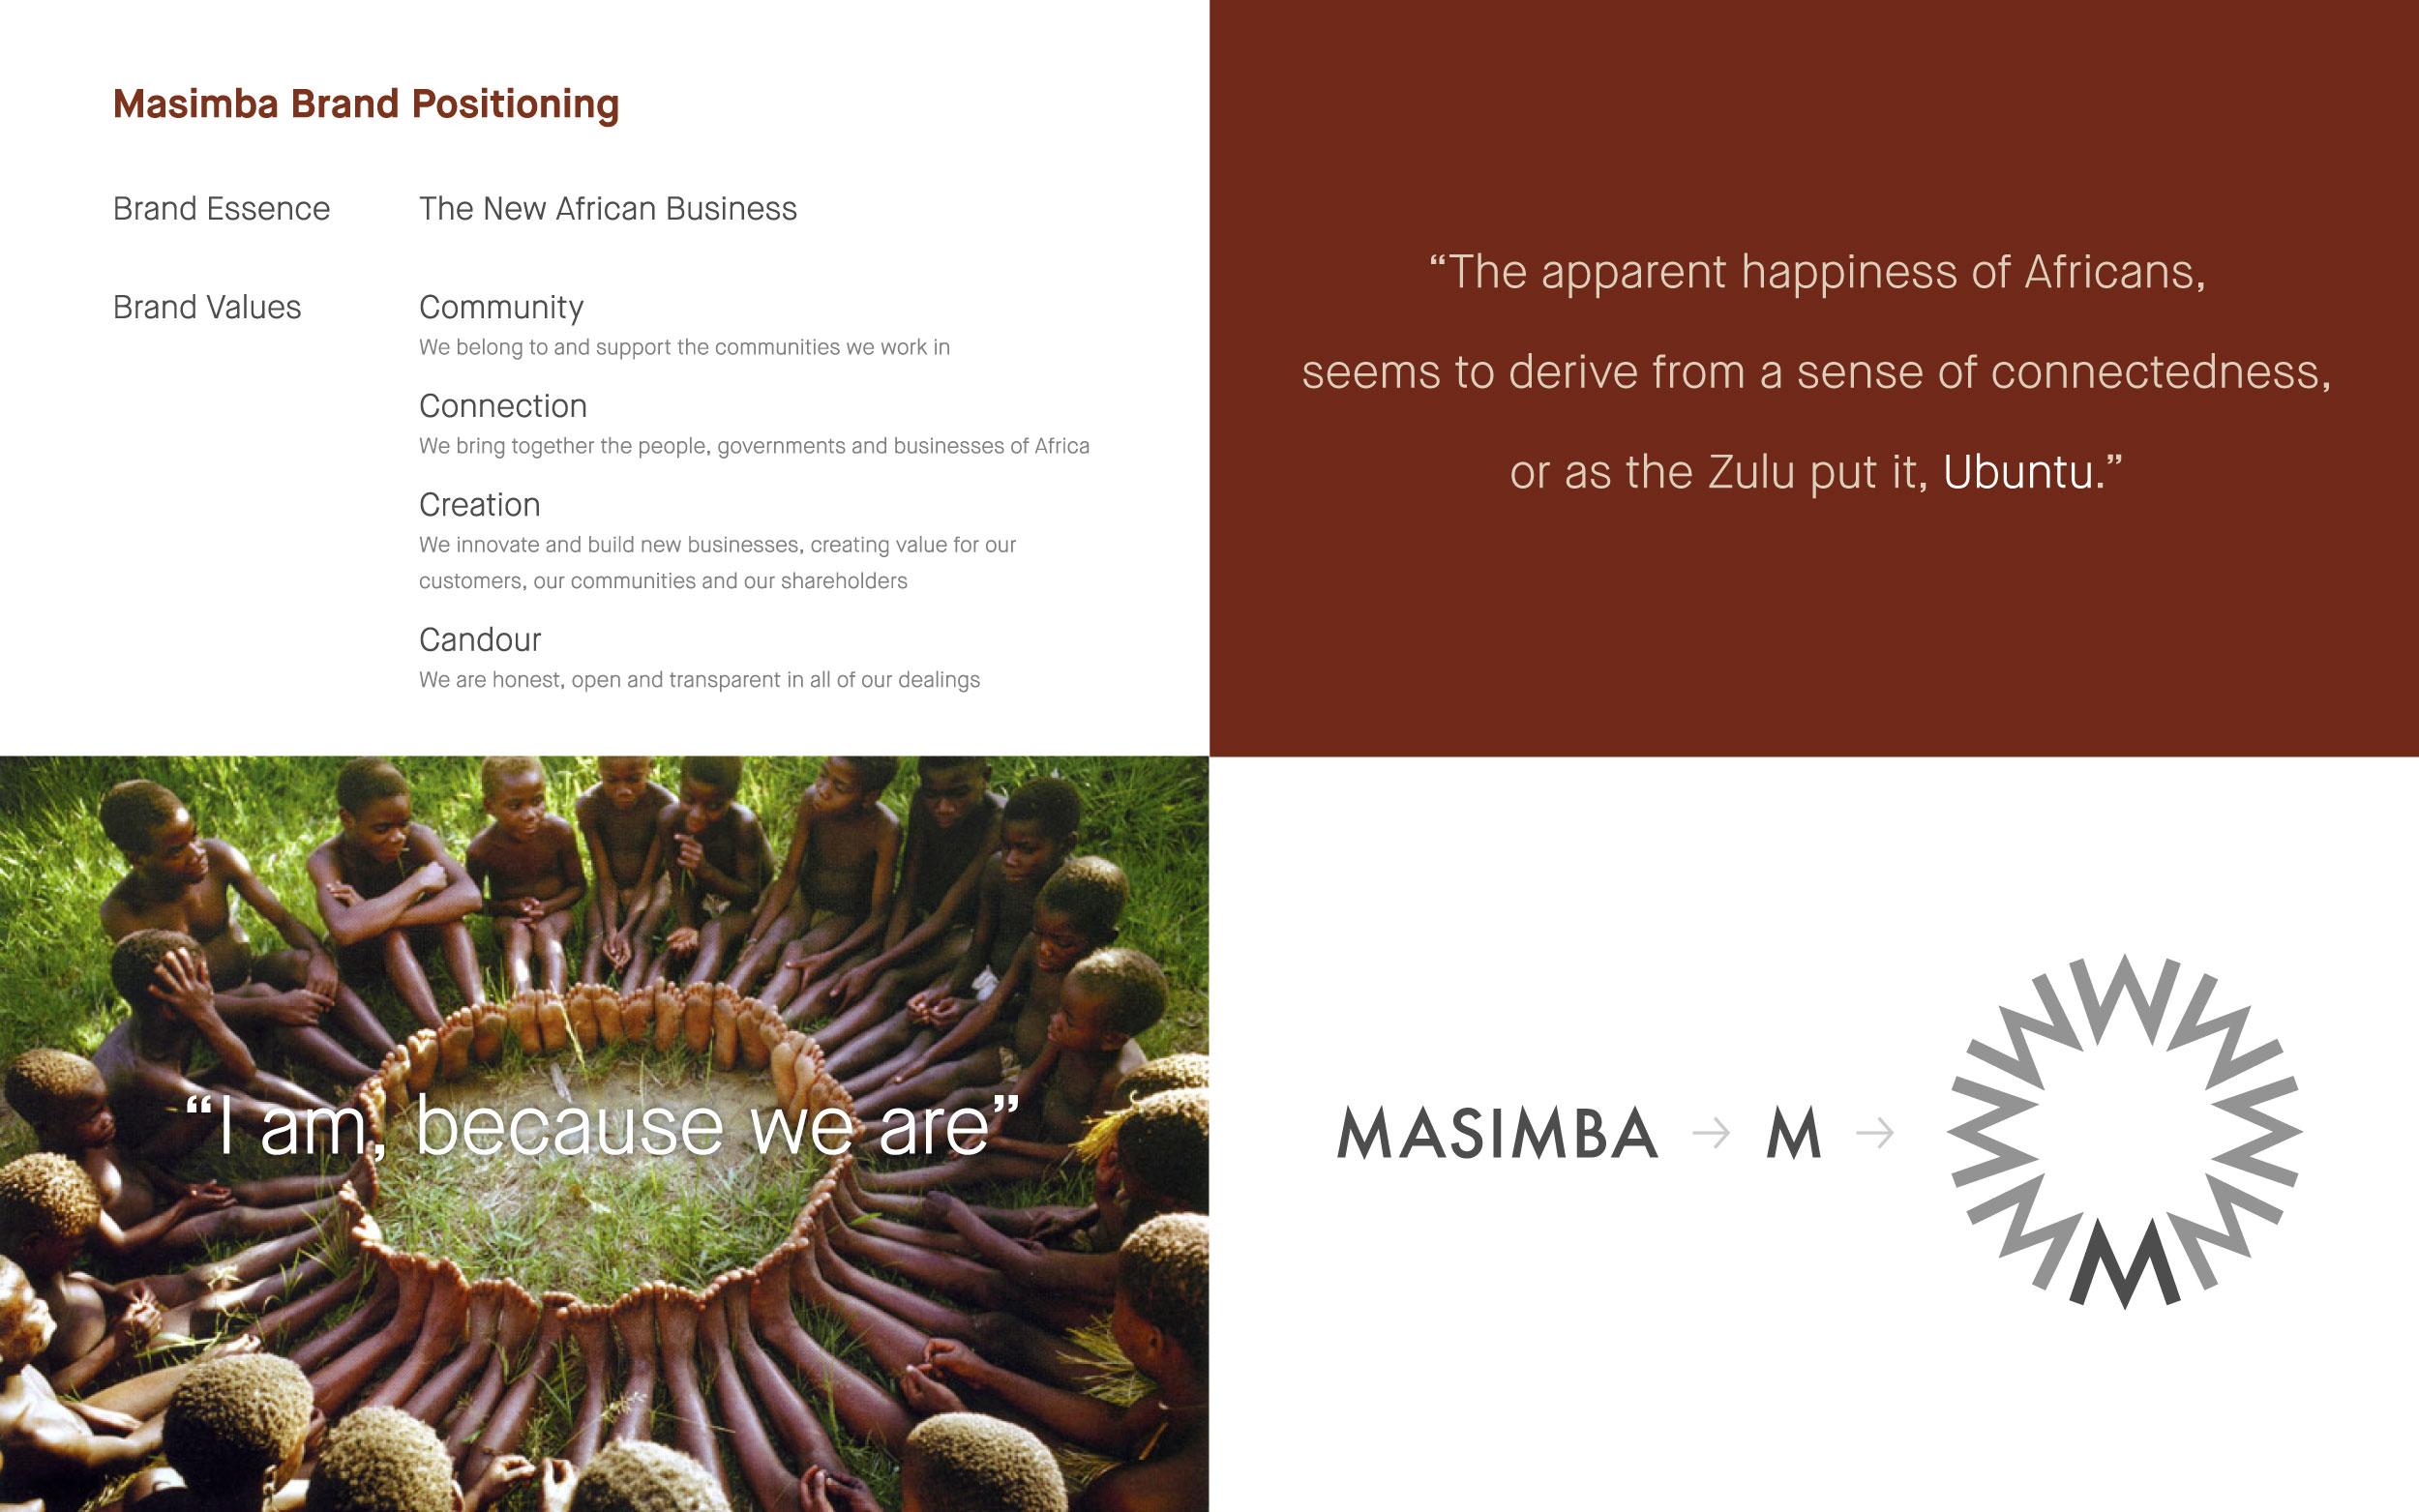 Masimba-brand-positioning.jpg